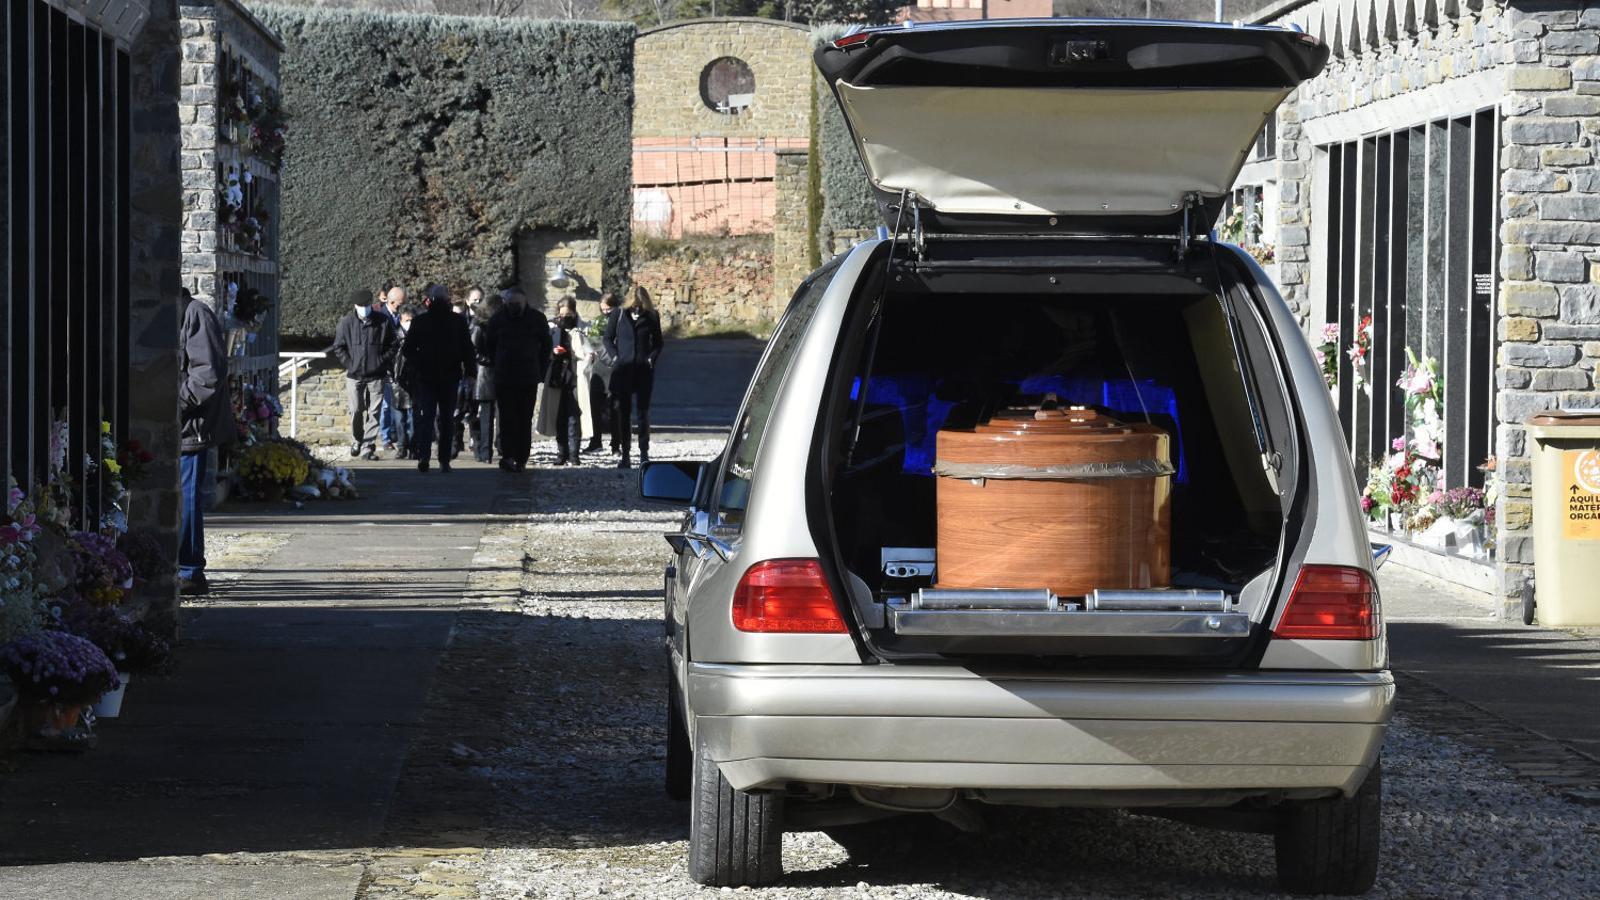 Al cementiri de Tremp van fer enterraments l'un darrere l'altre durant els dies més difícils del brot a la residència del municipi.